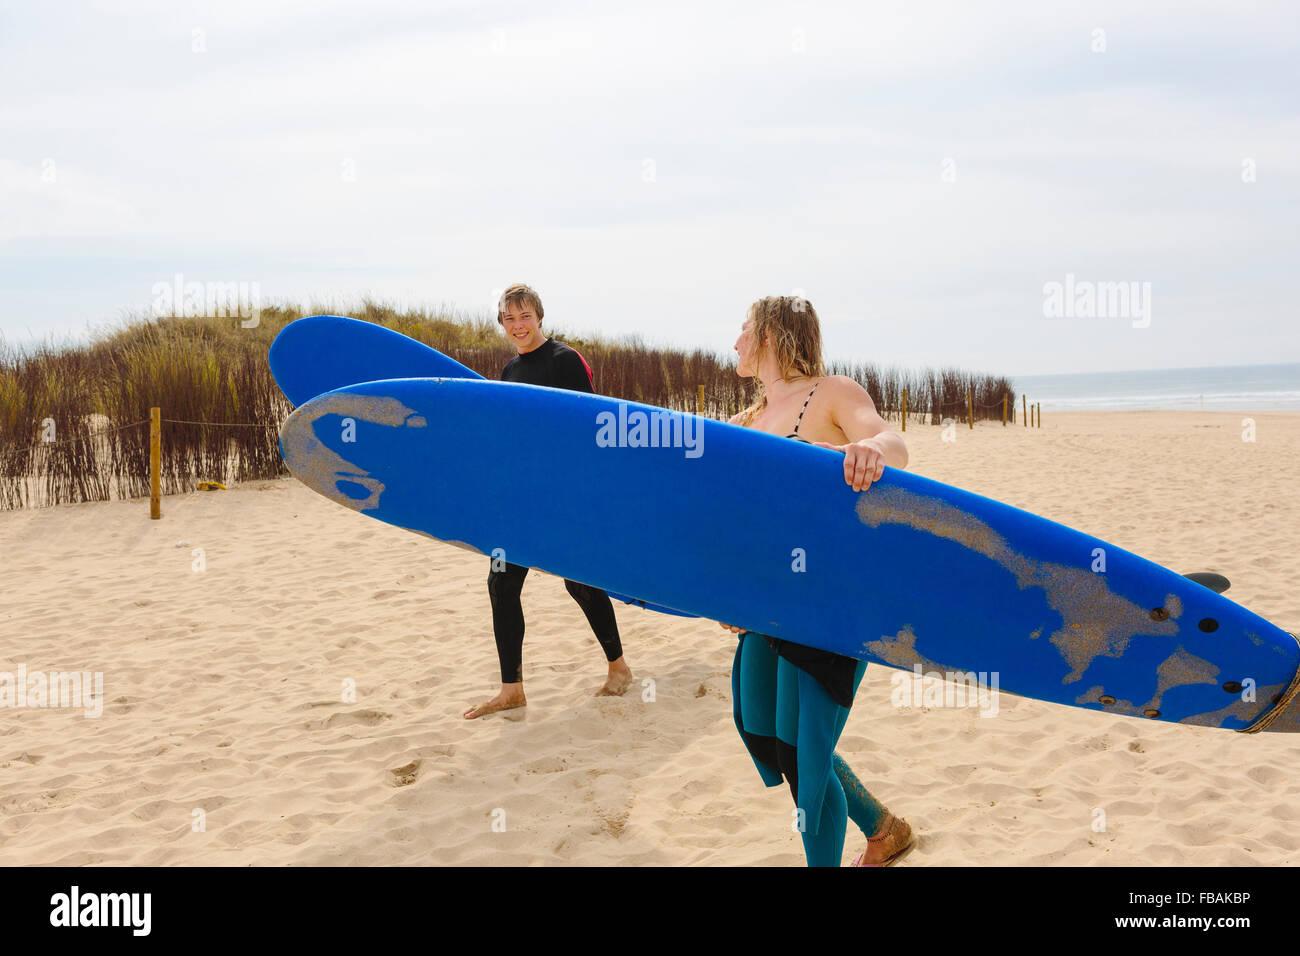 Portugal, Lisboa, dos personas llevar tablas de surf en la playa Imagen De Stock